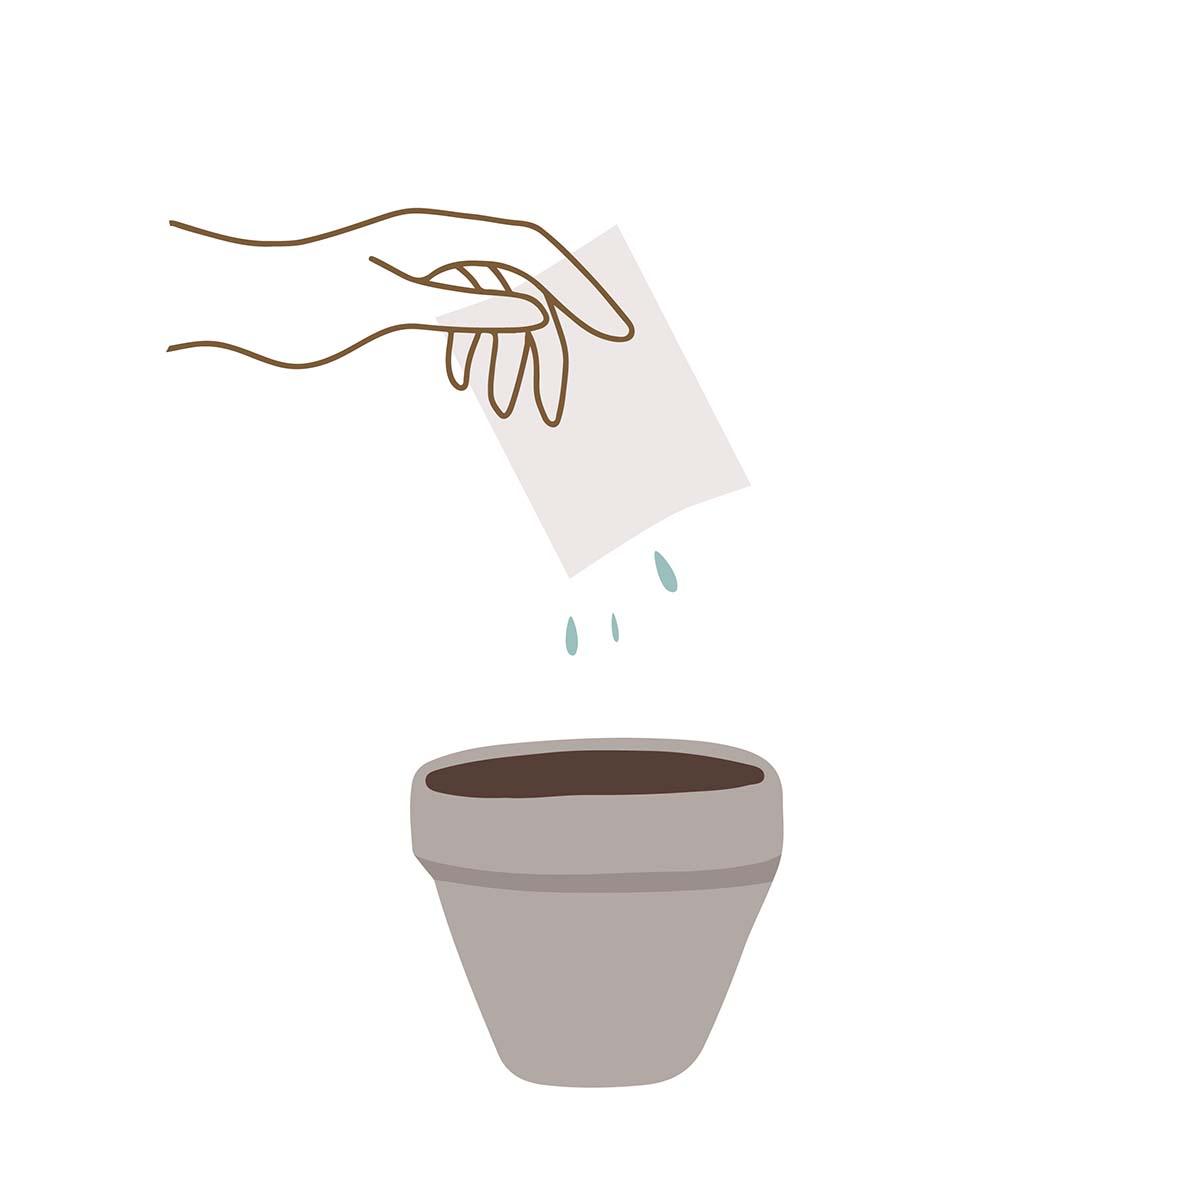 Bloom plantevejledning 1 - læg papiret kort i blød og placer det i en potte med jord